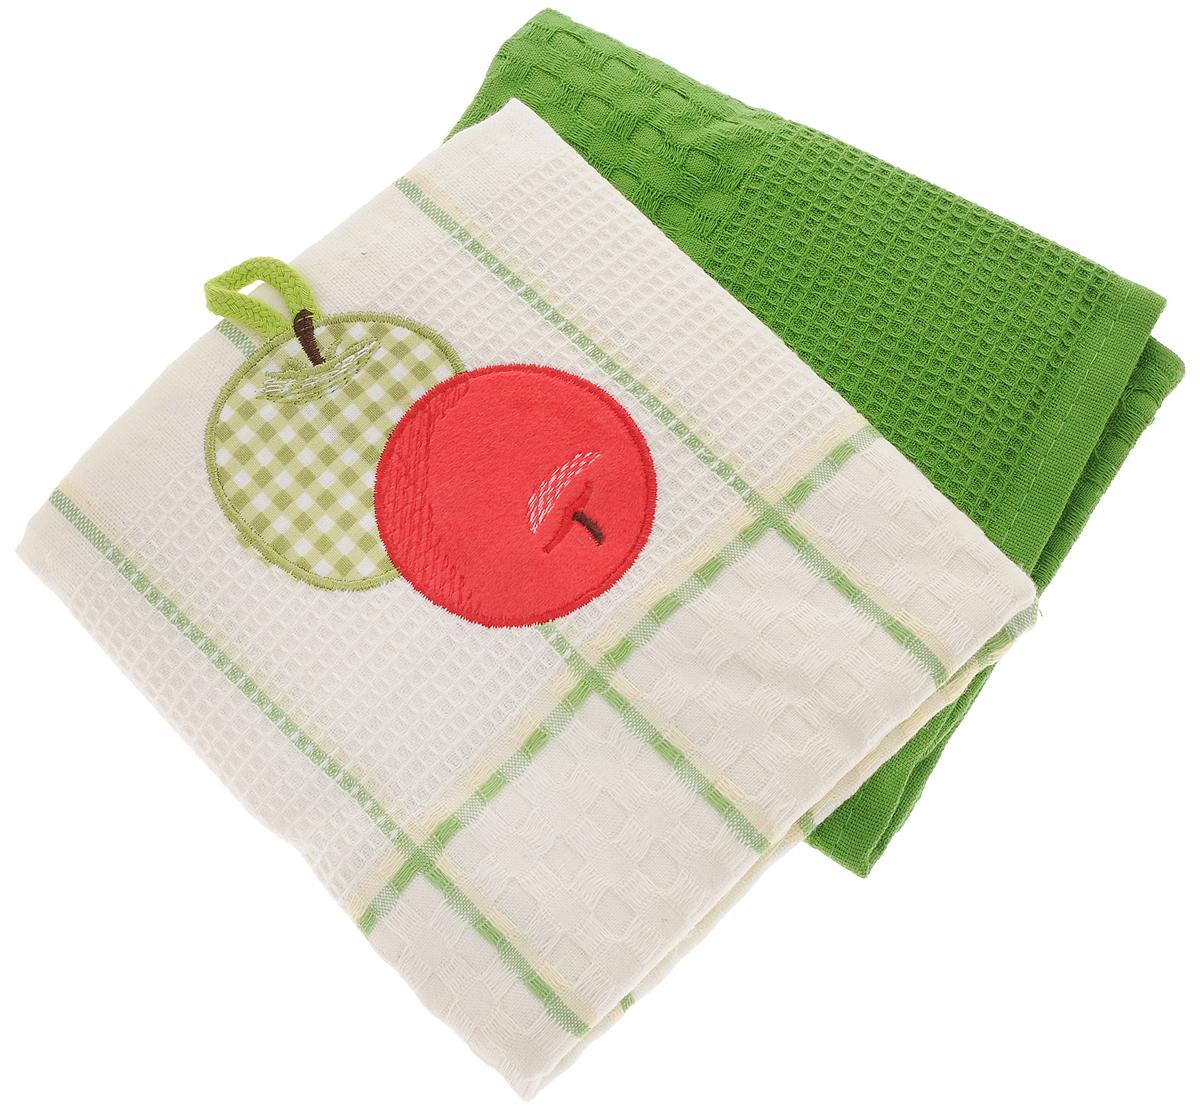 Набор кухонных полотенец Bonita Яблоко, цвет: зеленый, белый, 45 х 70 см, 2 шт101310106Набор кухонных полотенец Bonita Яблоко состоит из двух полотенец, изготовленный из натурального хлопка, идеально дополнит интерьер вашей кухни и создаст атмосферу уюта и комфорта. Одно полотенце белого цвета в зеленую клетку оформлено вышивкой в виде яблок и оснащено петелькой. Другое полотенце однотонное зеленого цвета без вышивки. Изделия выполнены из натурального материала, поэтому являются экологически чистыми. Высочайшее качество материала гарантирует безопасность не только взрослых, но и самых маленьких членов семьи. Современный декоративный текстиль для дома должен быть экологически чистым продуктом и отличаться ярким и современным дизайном.